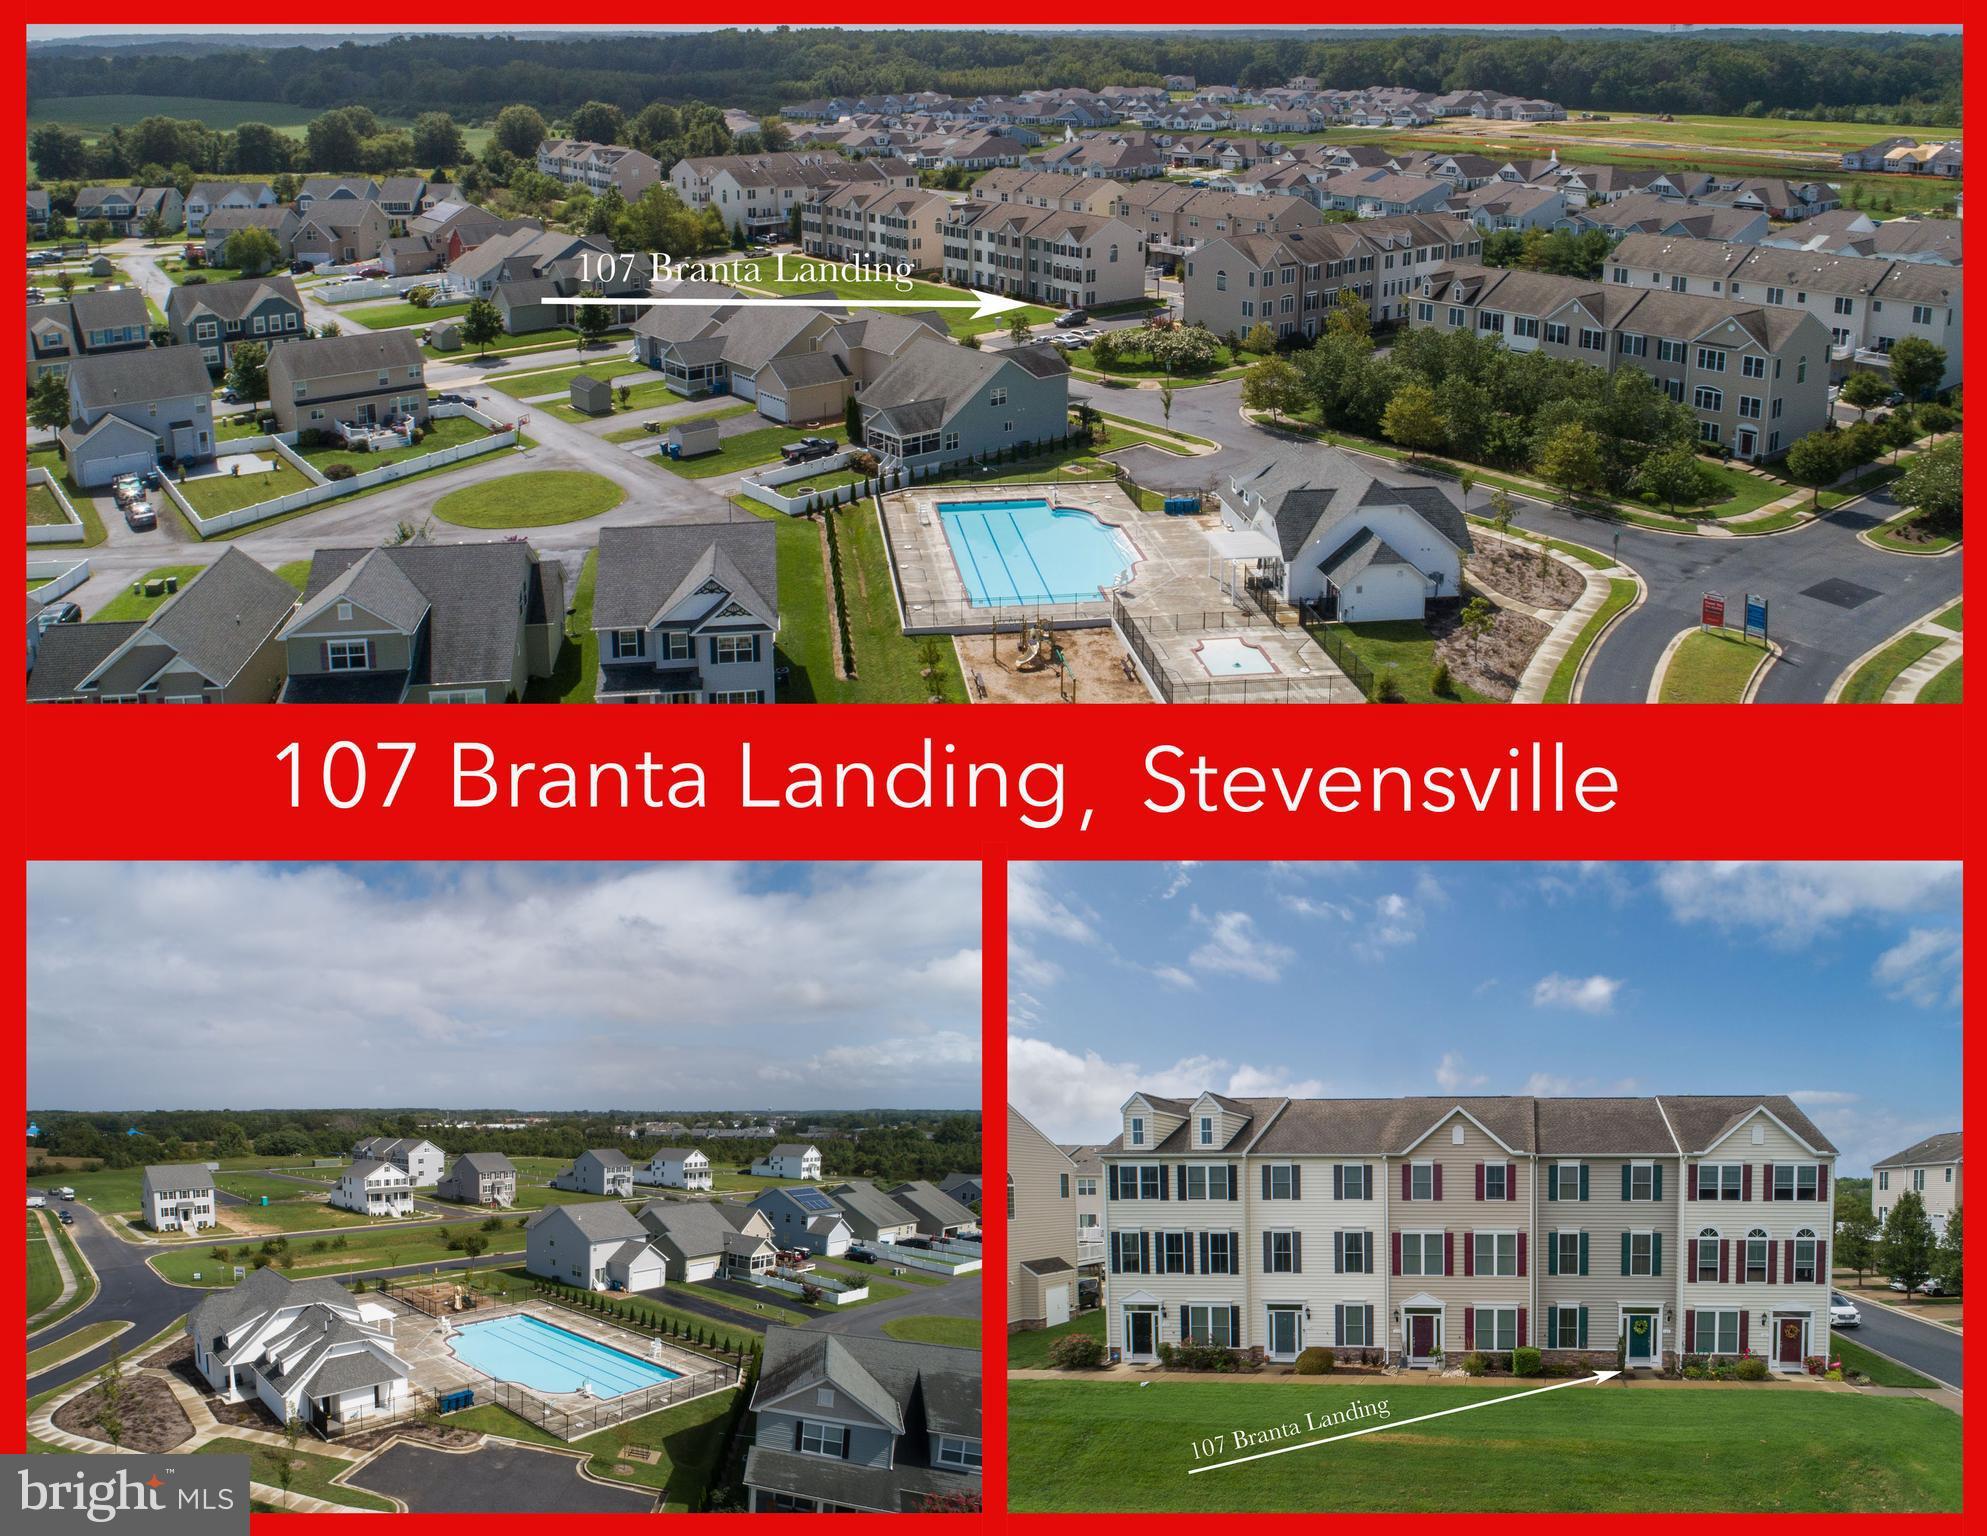 107 Branta Lndg, Stevensville, MD, 21666